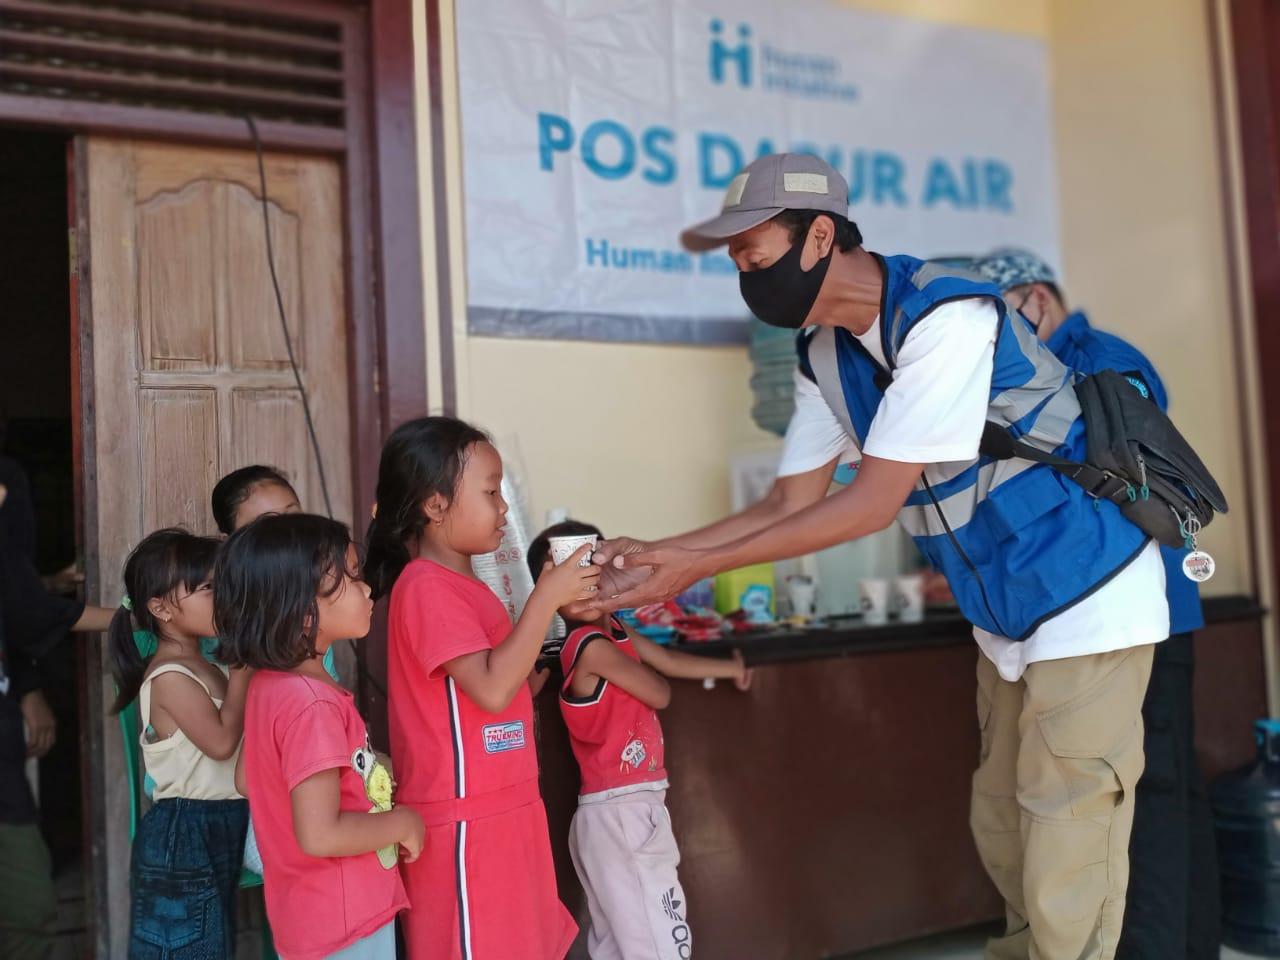 Dirikan Dapur Air dan Beri Dukungan Psikososial kepada Penyintas Bencana Gunung Merapi